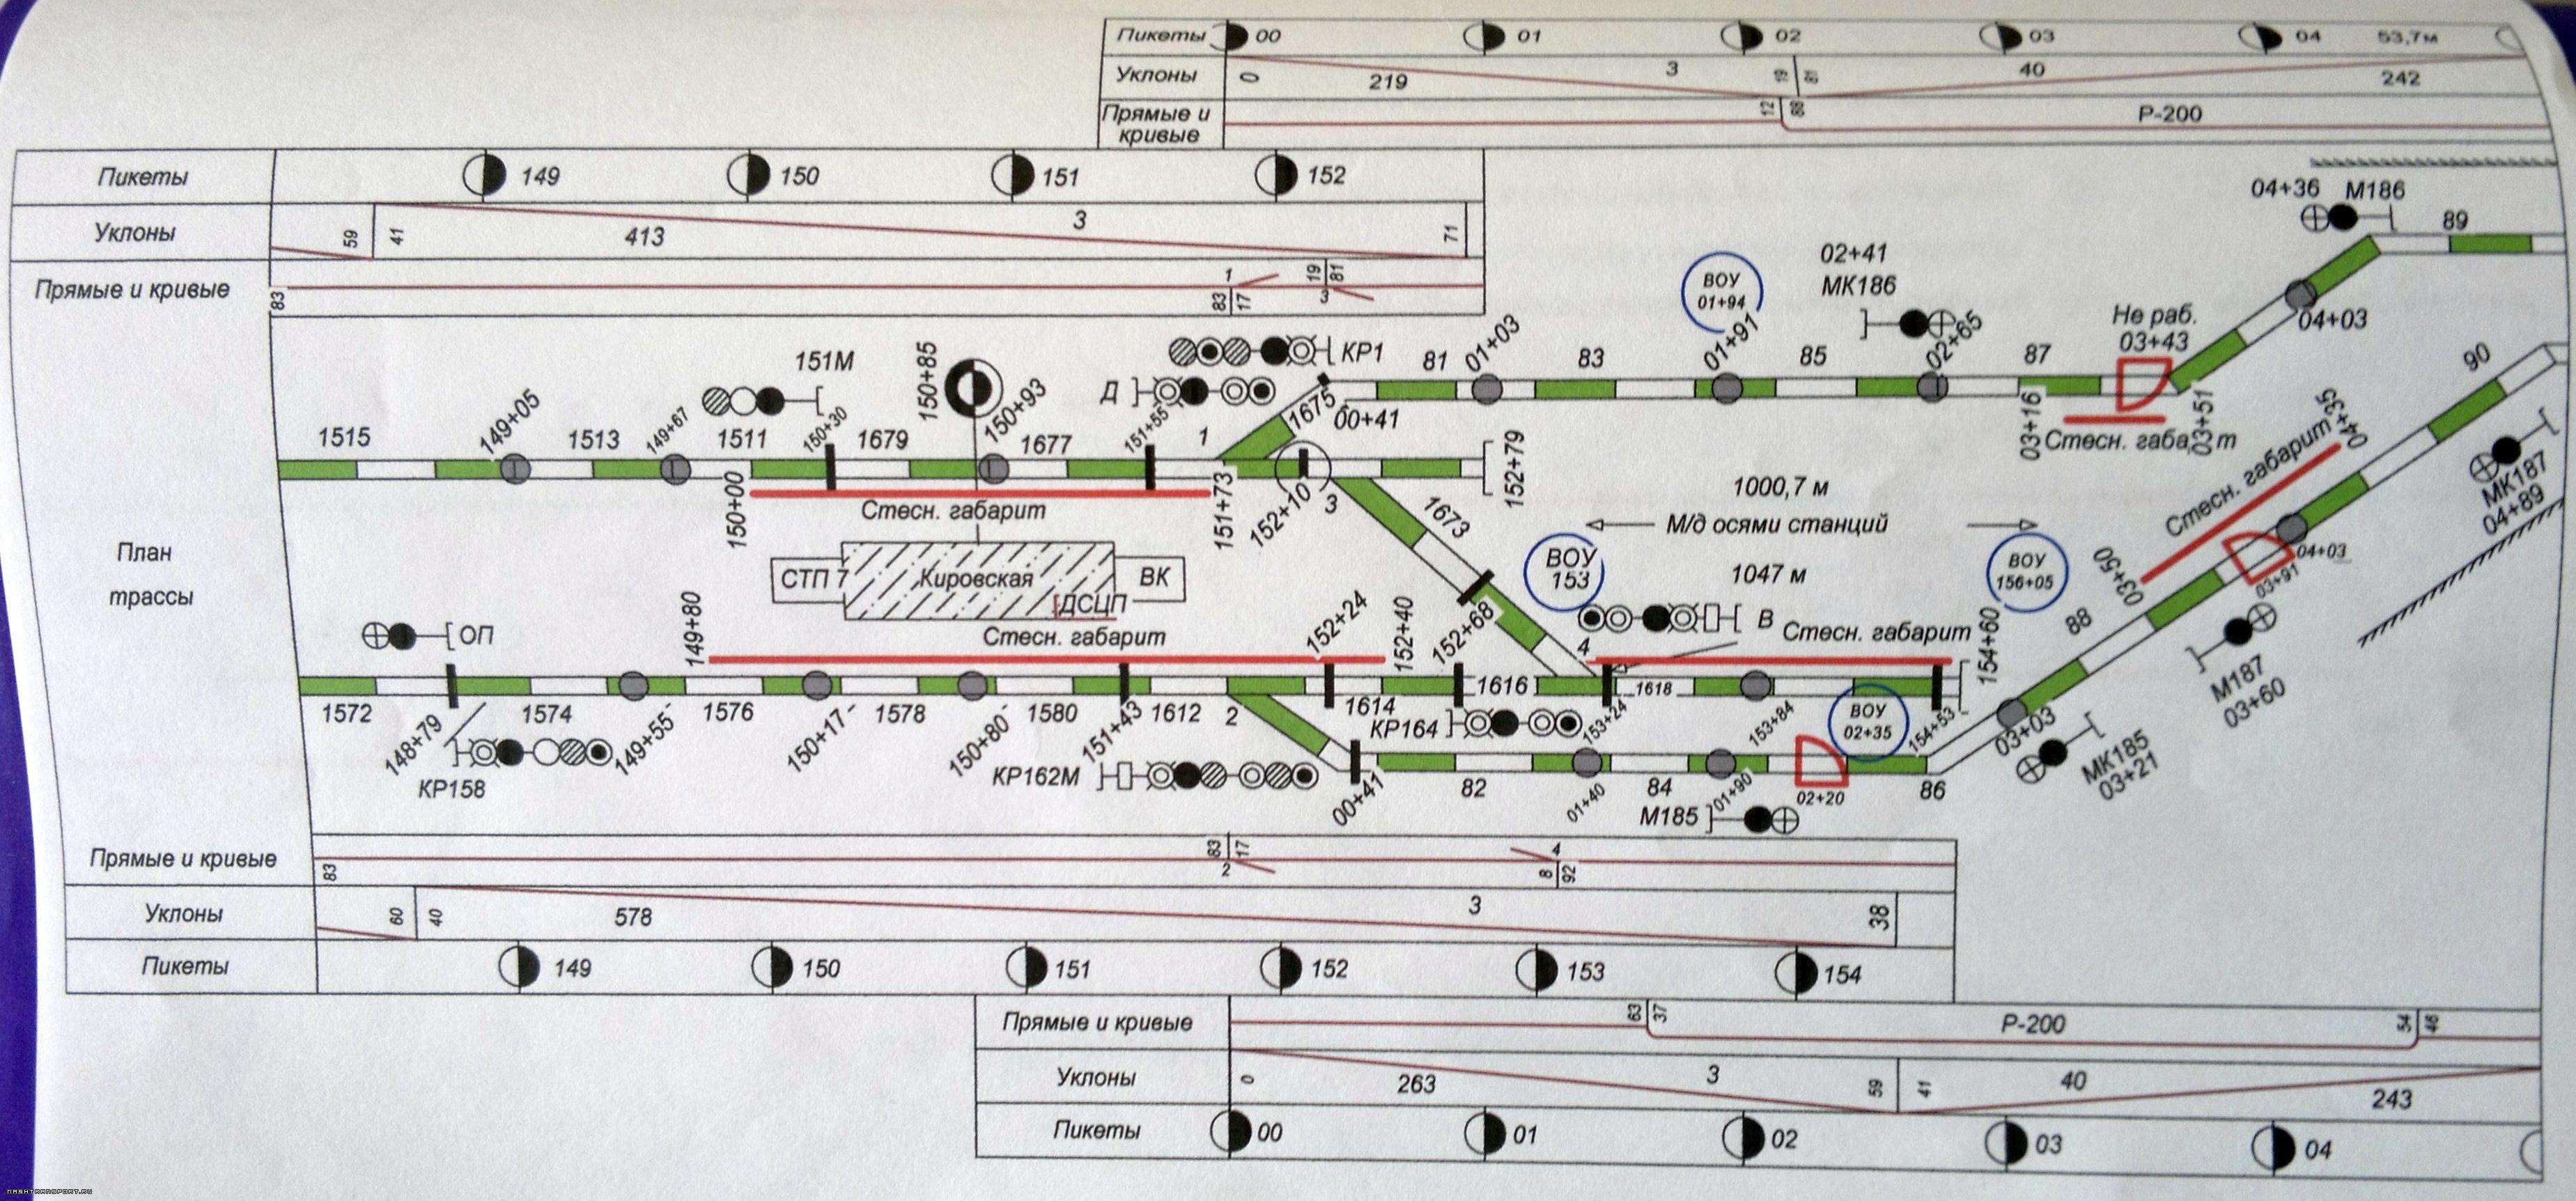 схема метро театральной